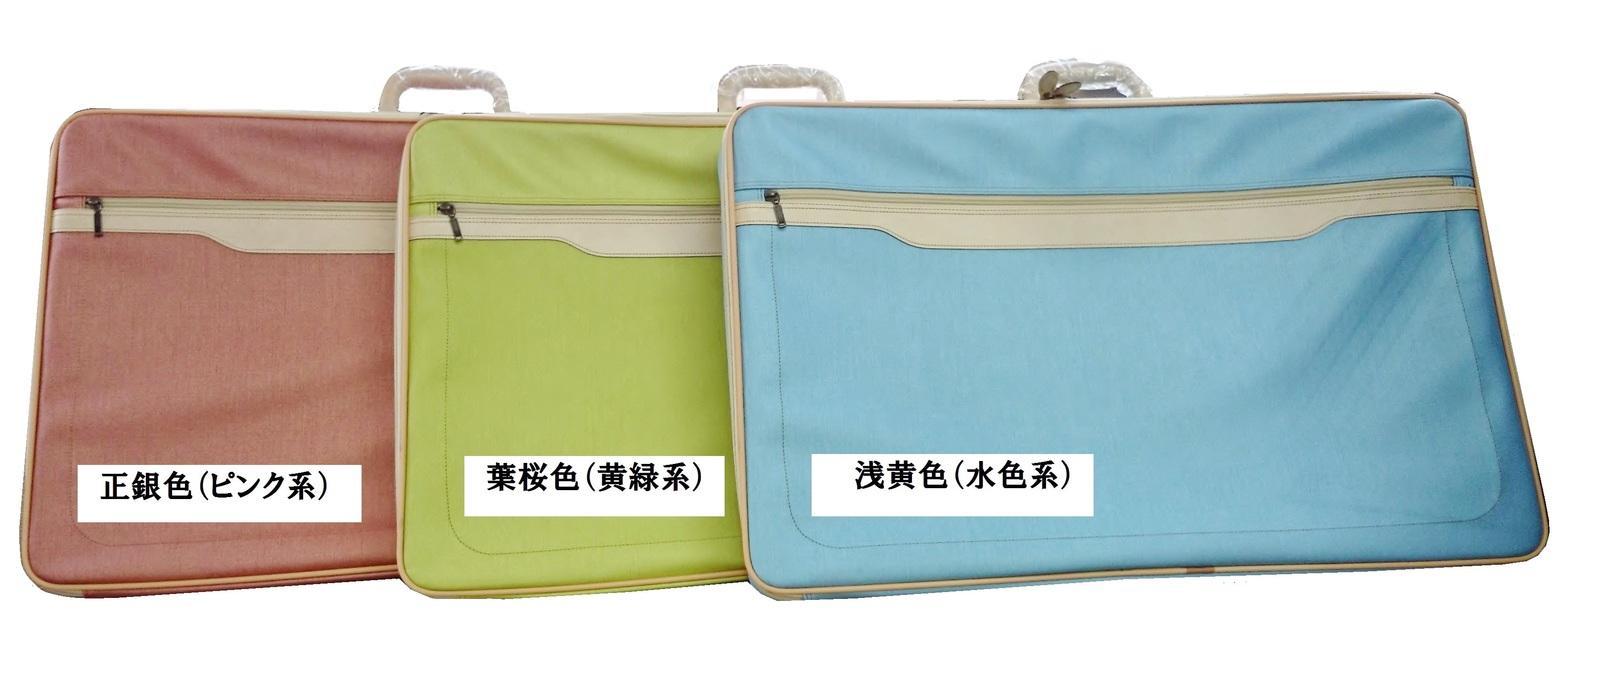 当店オリジナル法衣カバン 三色 パステルカラー (法衣かばん 鞄)